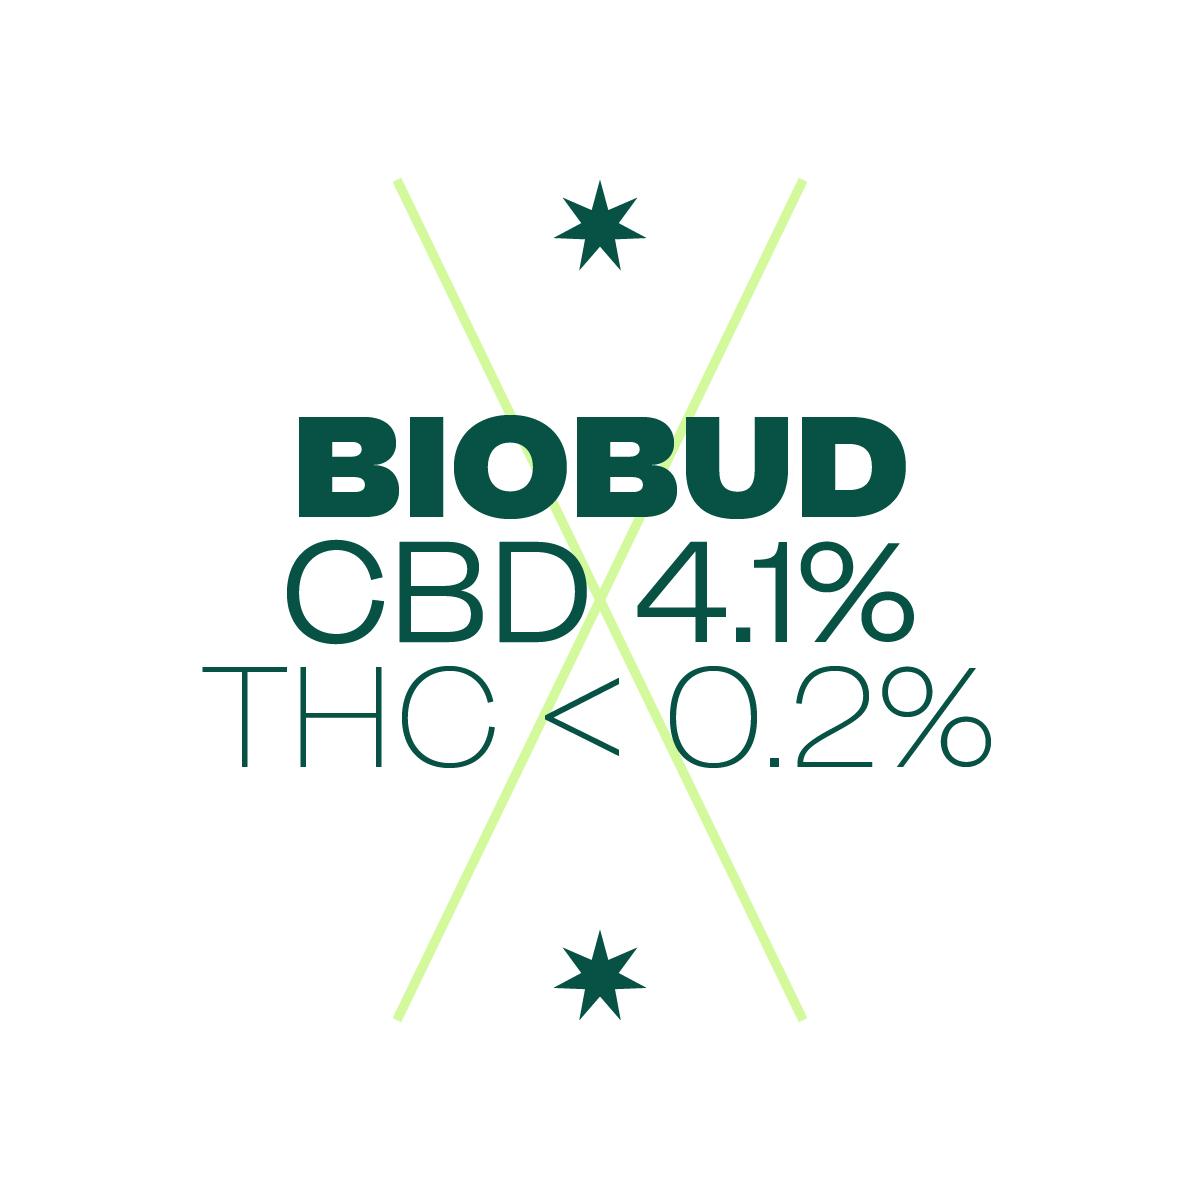 ligne verte visuels biobud site px px